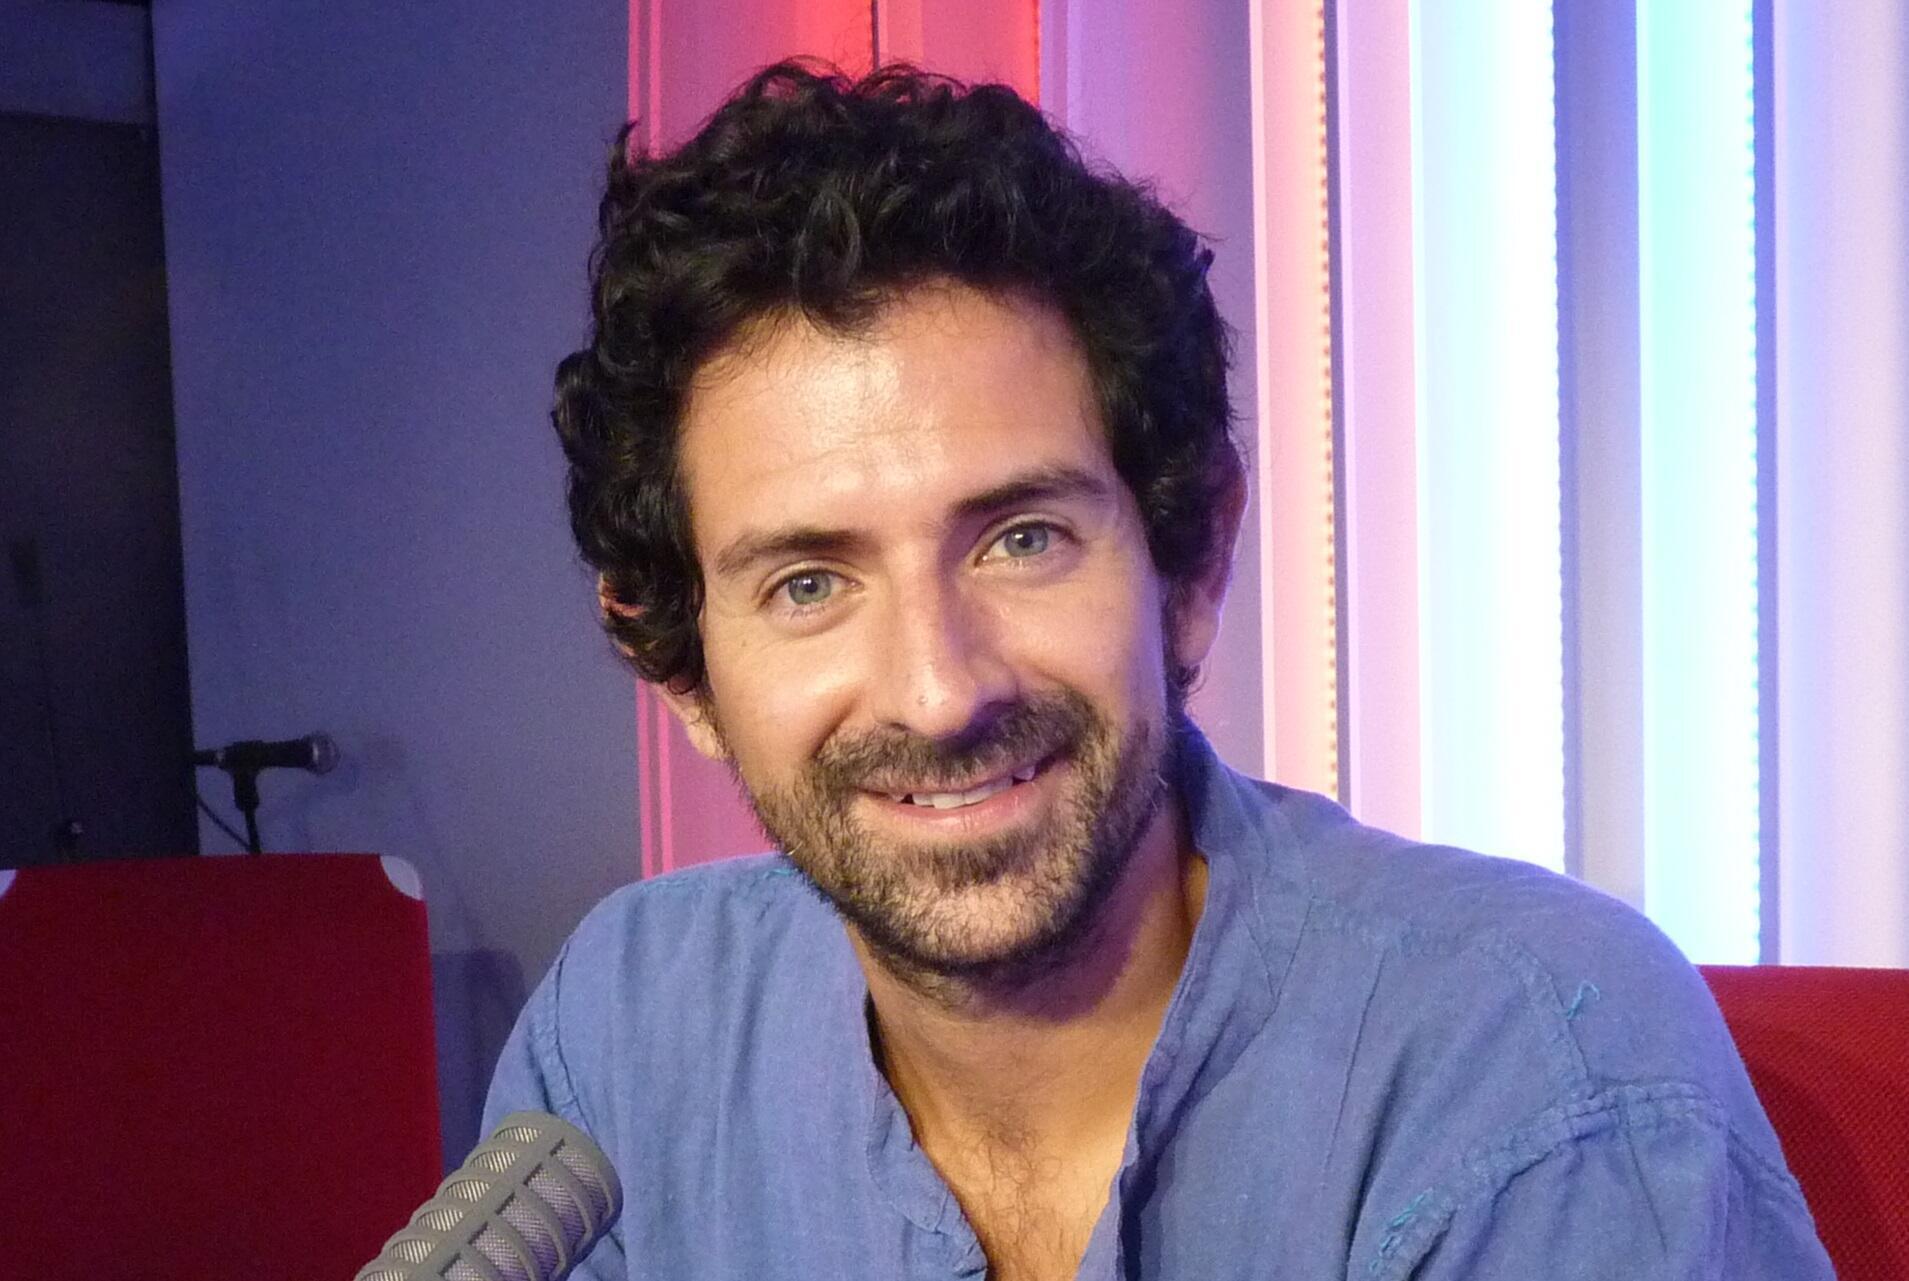 El pianista ecuatoriano Daniel Mancero en RFI